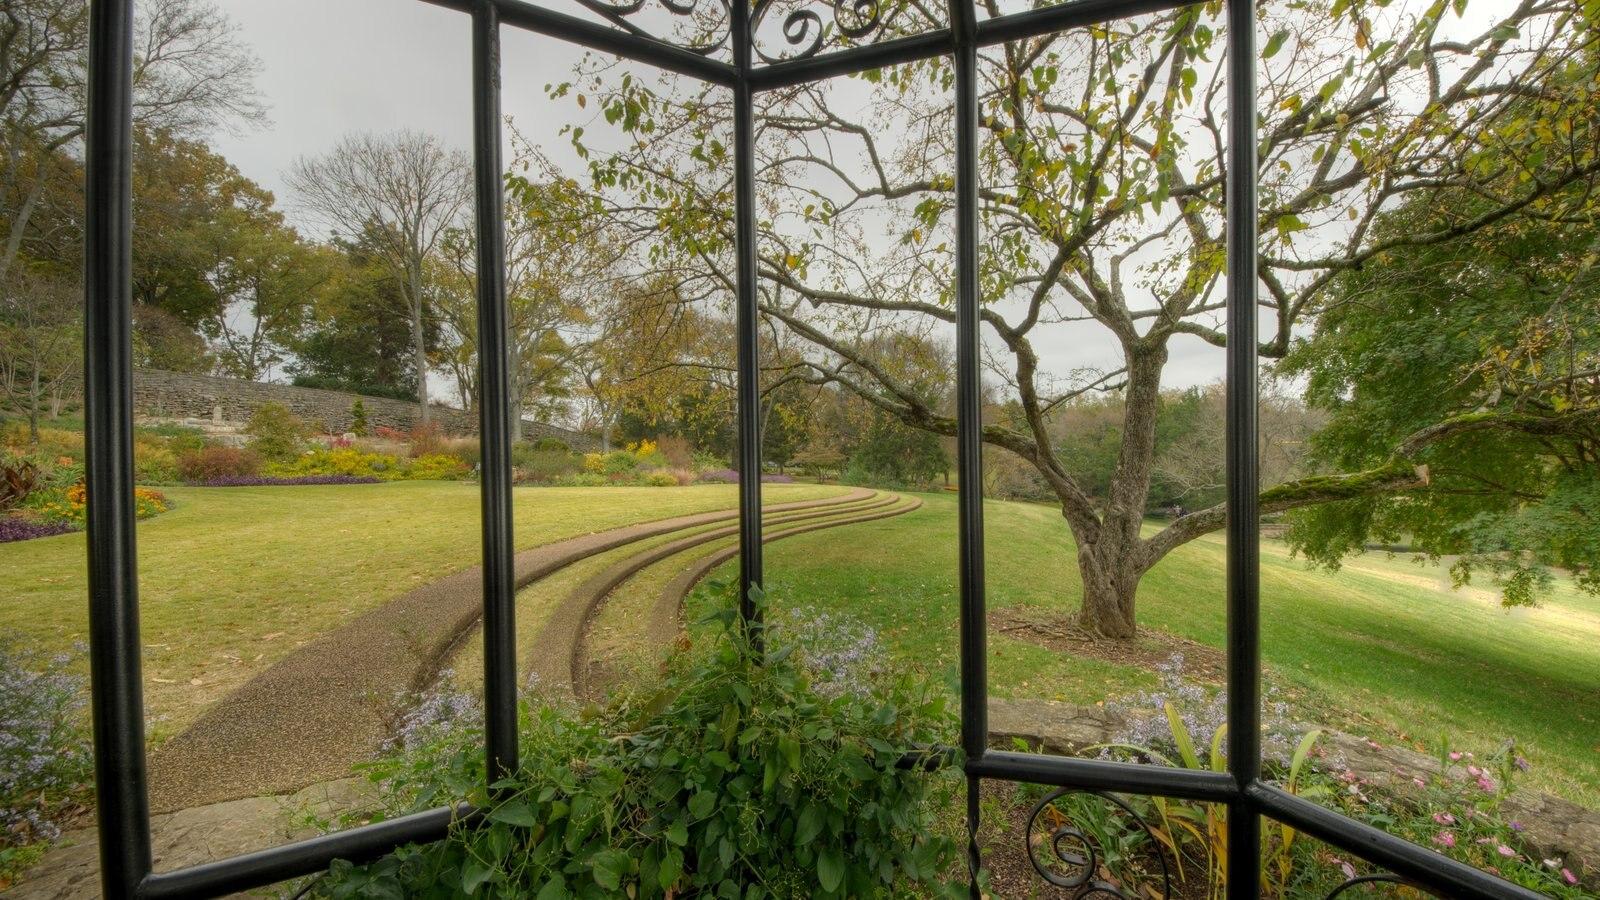 Cheekwood Botanical Gardens and Museum of Art que incluye escenas tranquilas y un jardín